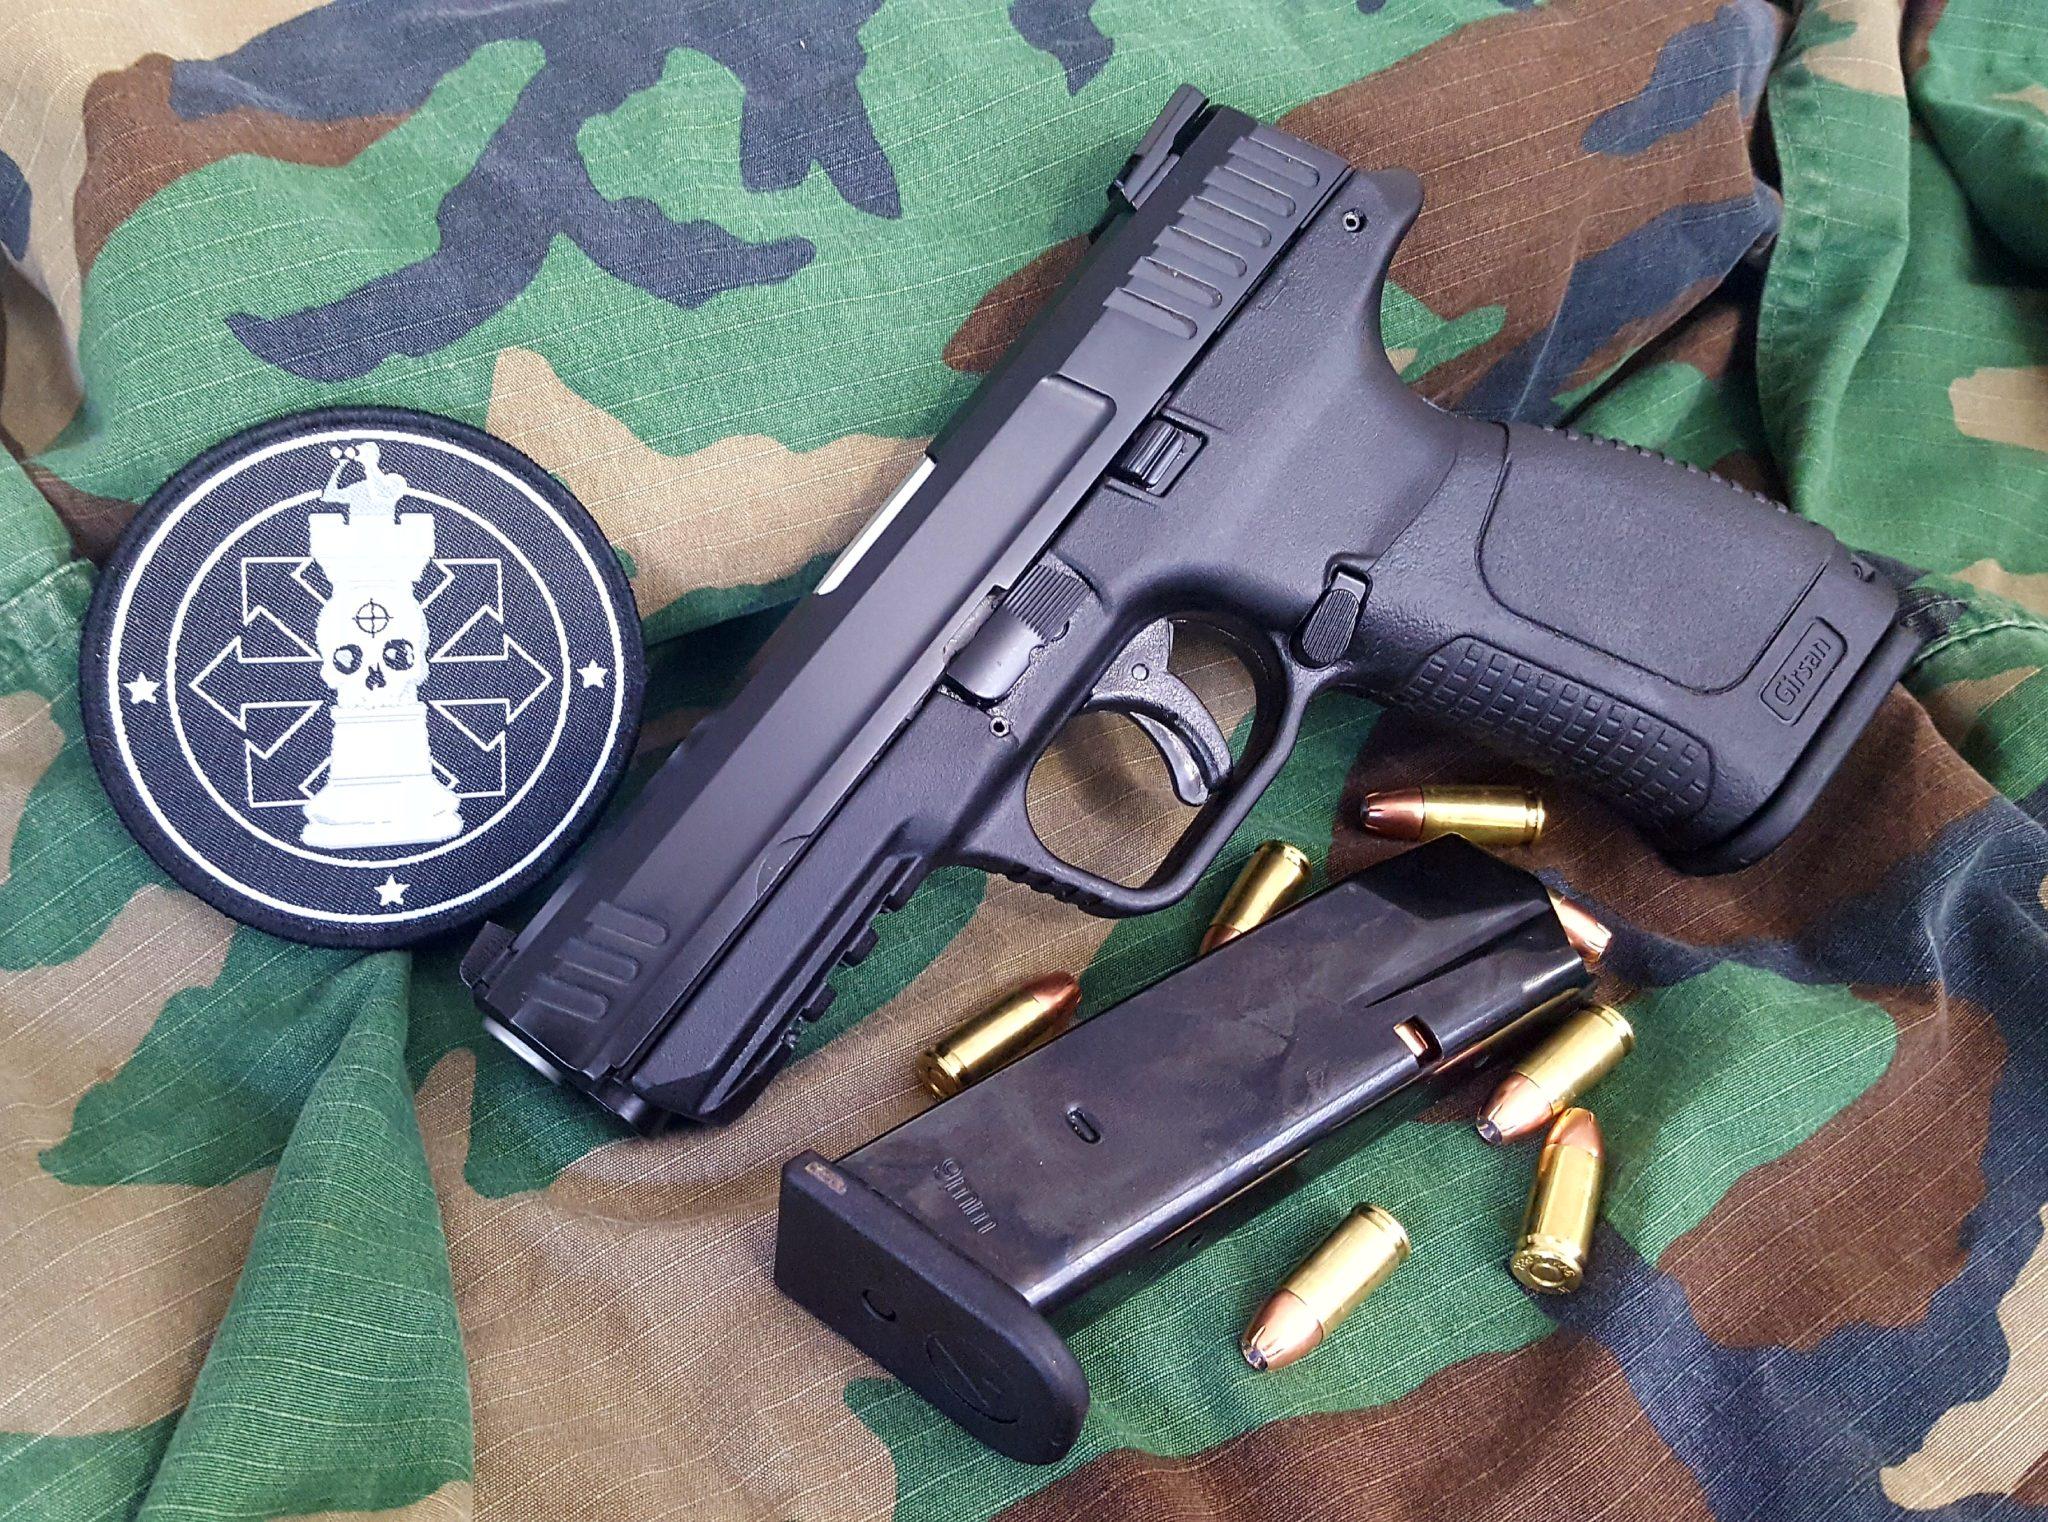 Girsan MC-28 SA: An Upgraded M&P – Spotter Up